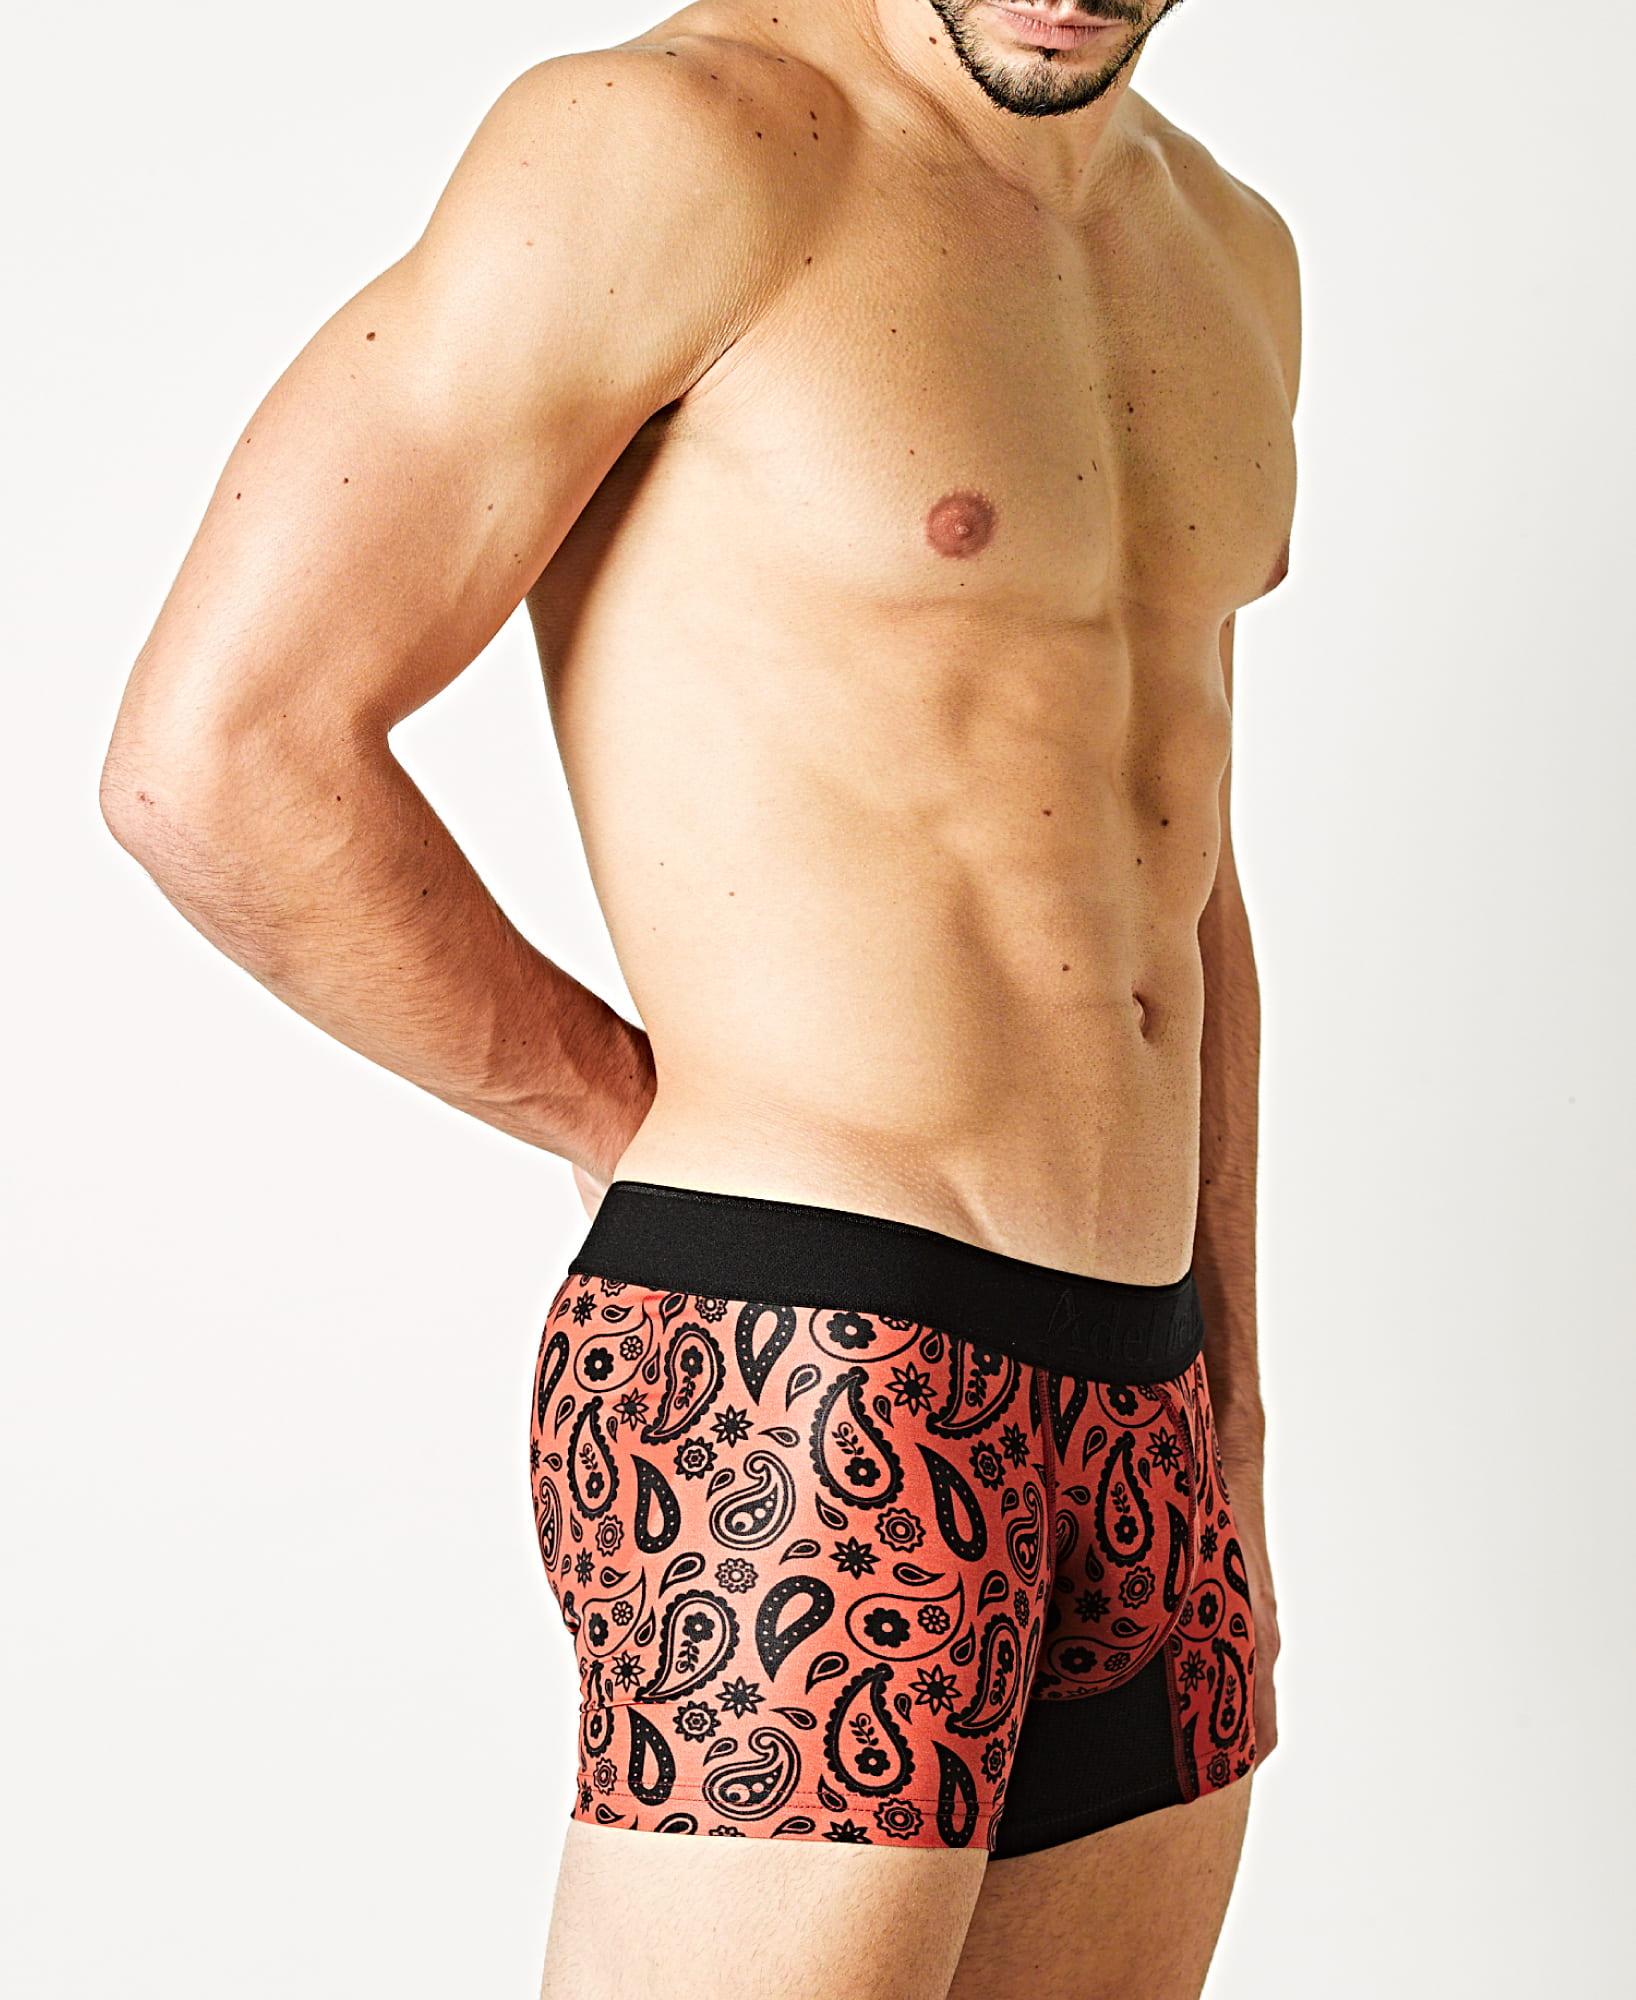 BOXER アンダーウェア ブランド 通販 | 履き心地 最高 高級 メンズ ボクサーパンツ PAISLEY RED モデル着用 ブランド詳細画像3